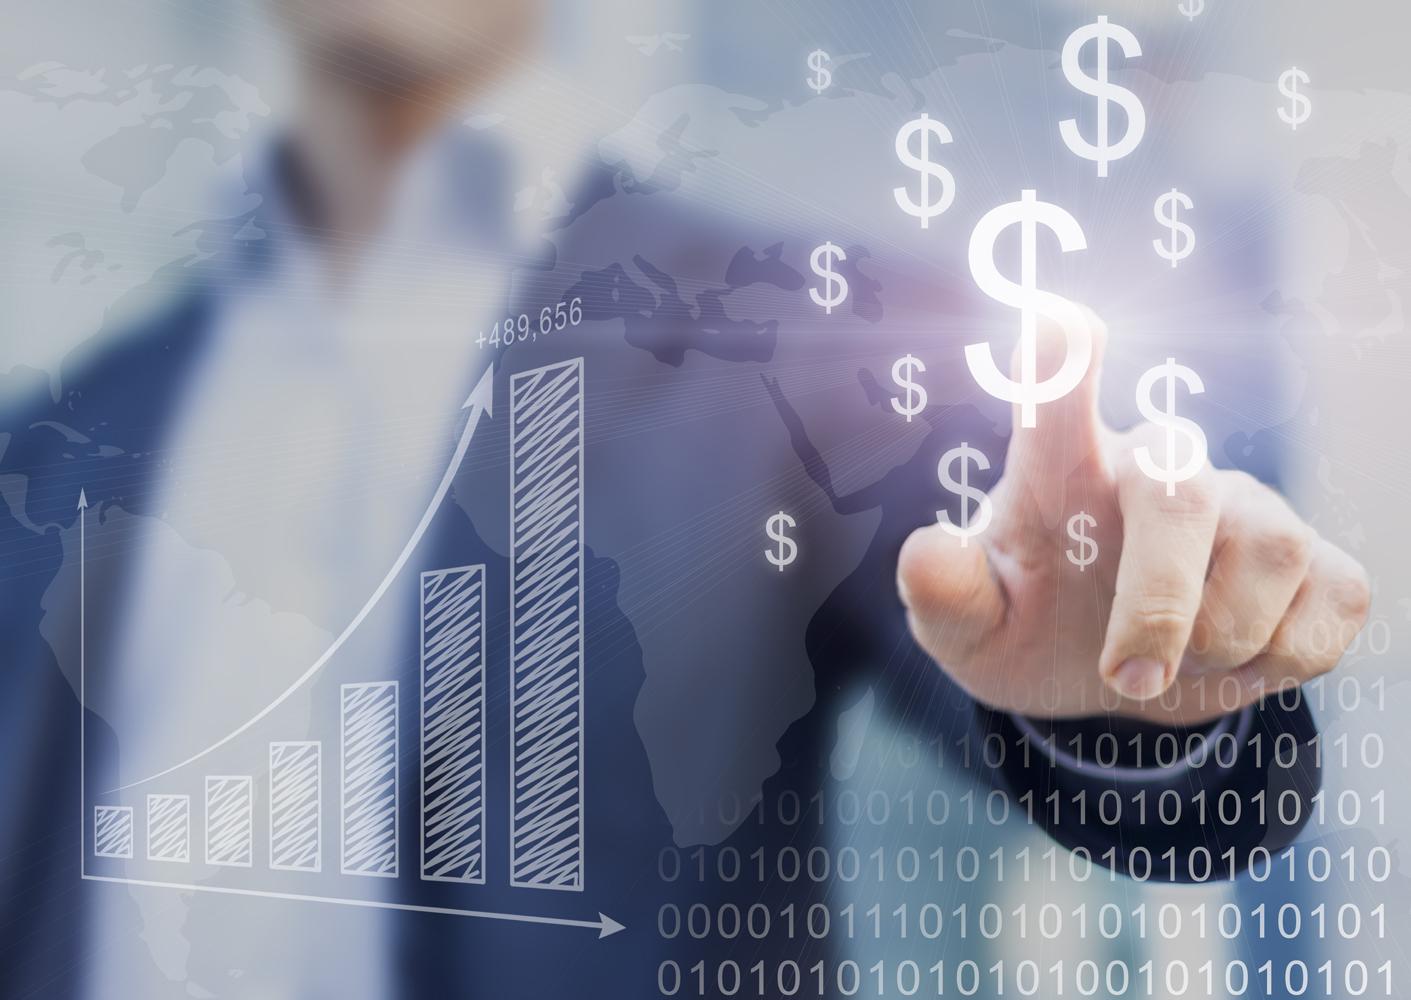 secretele tranzacționării cu succes a opțiunilor binare